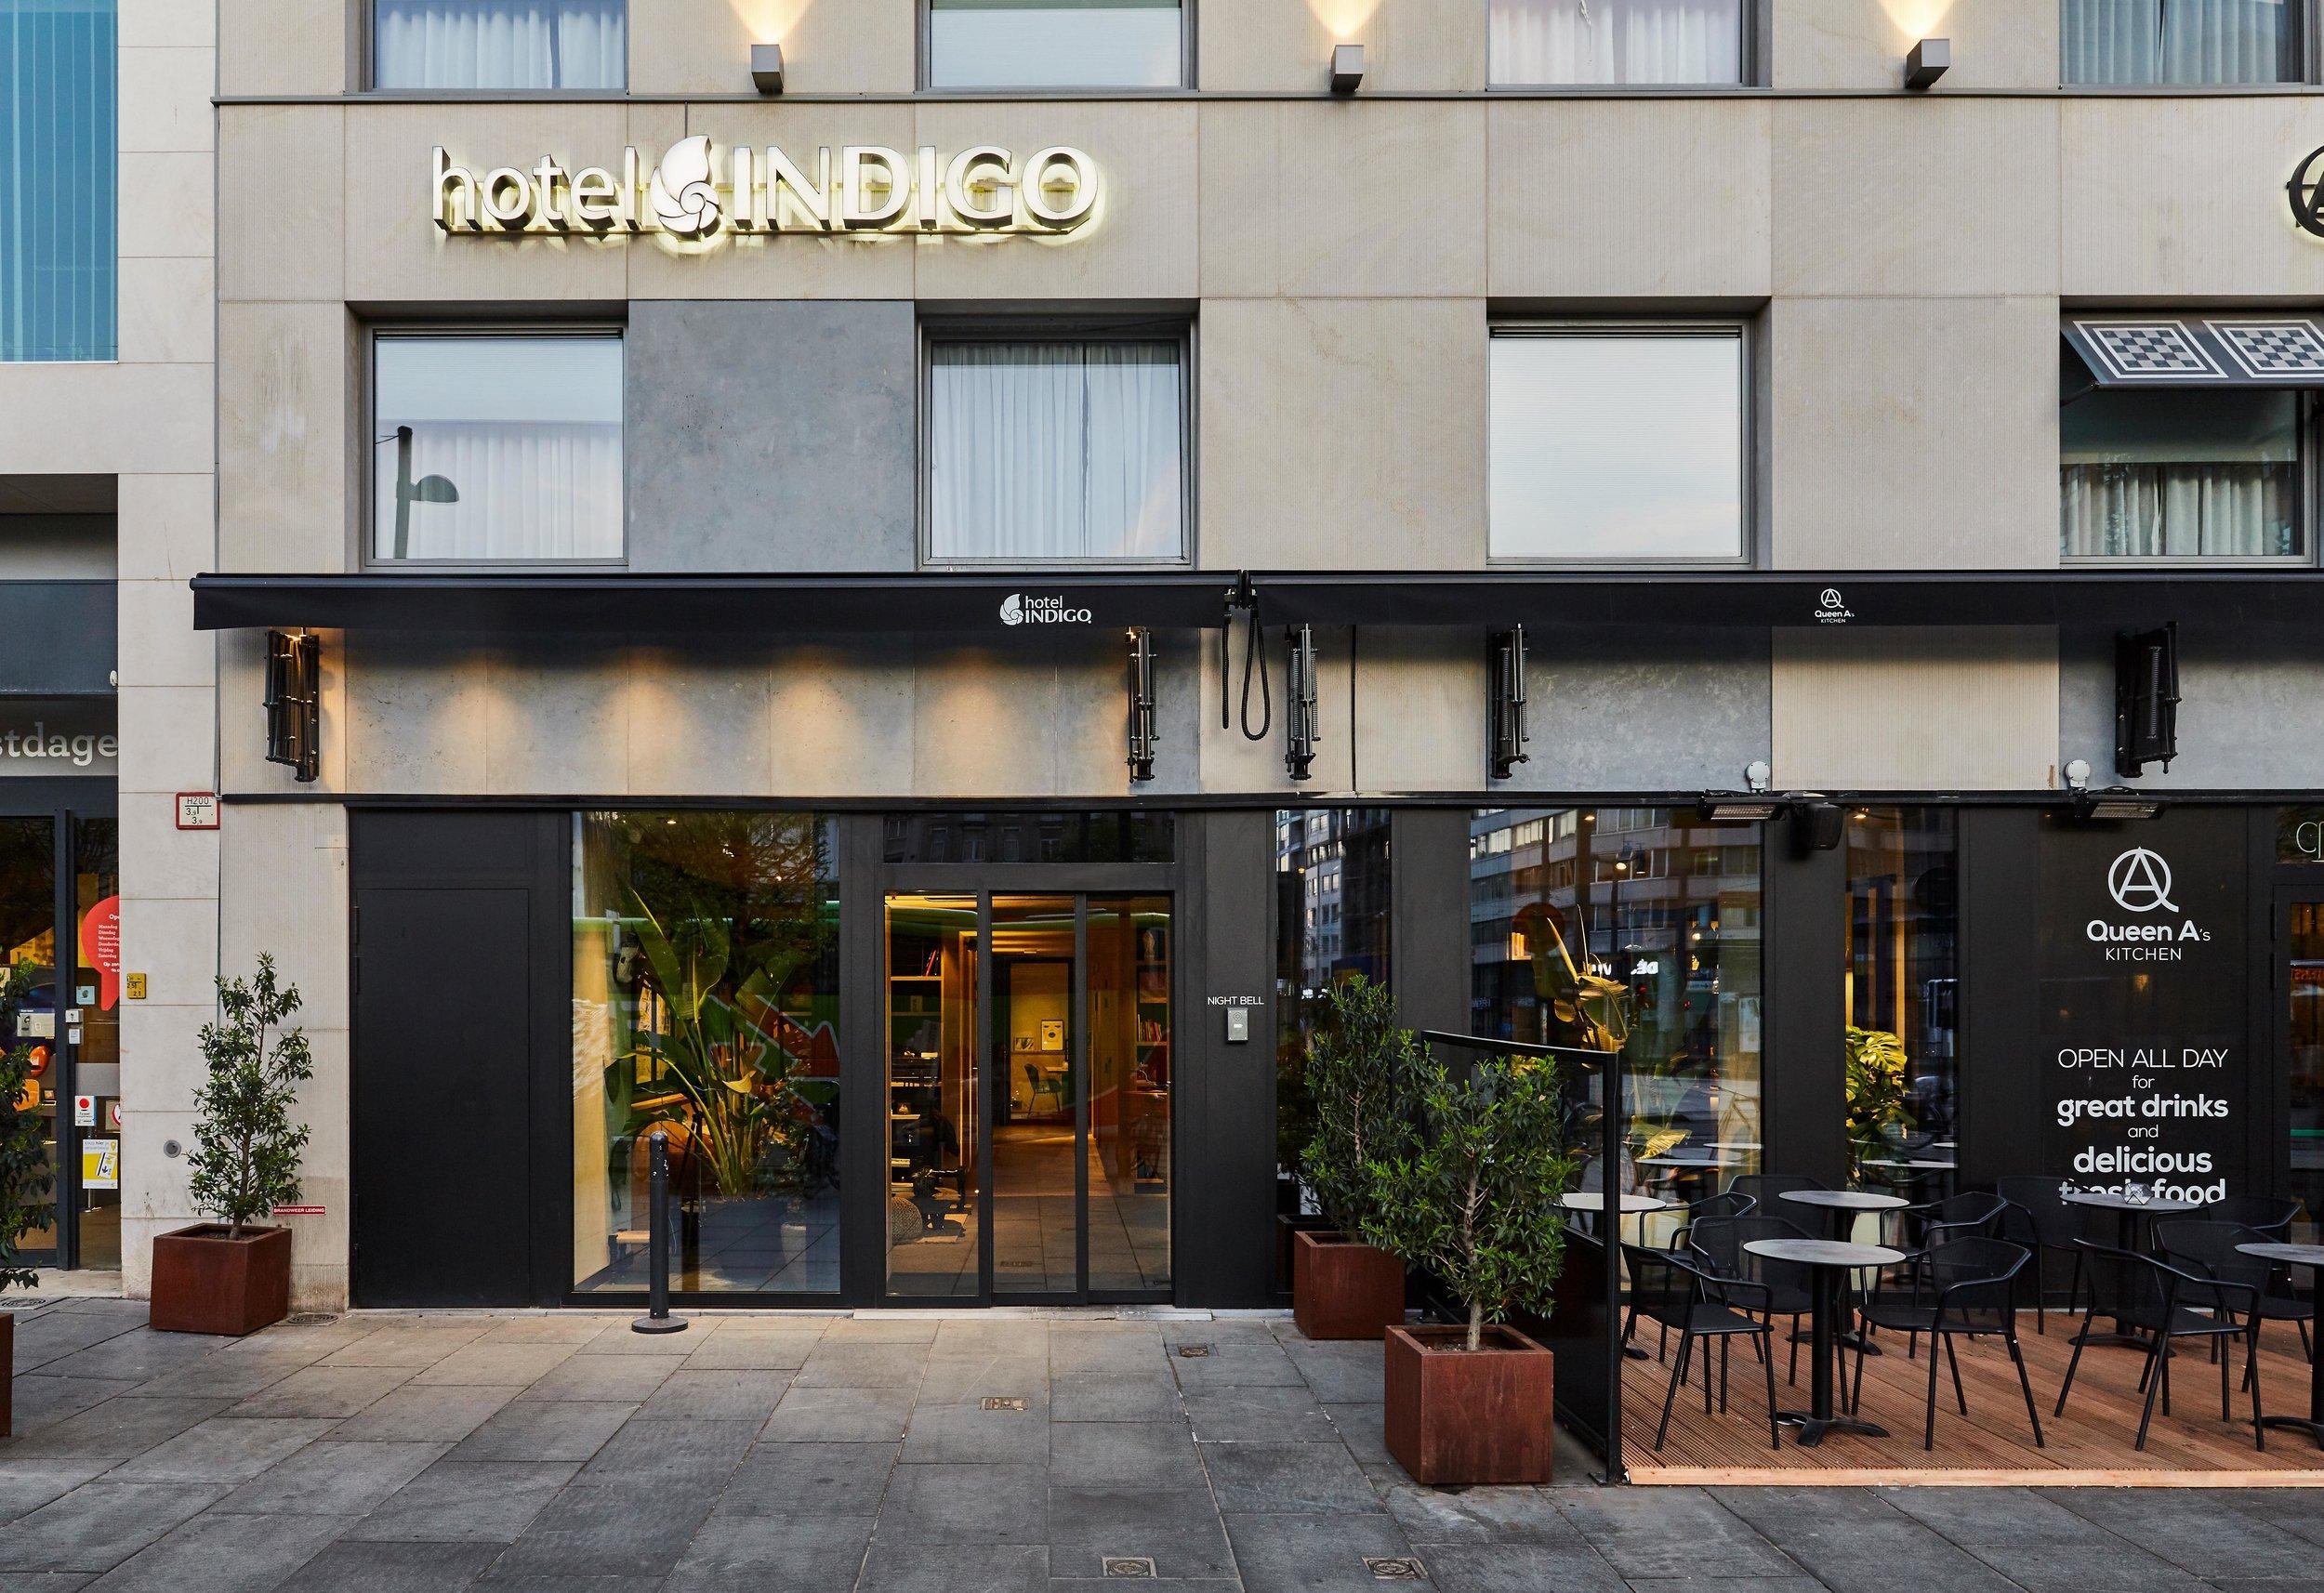 Hotel Indigo Antwerp - Facade.jpg